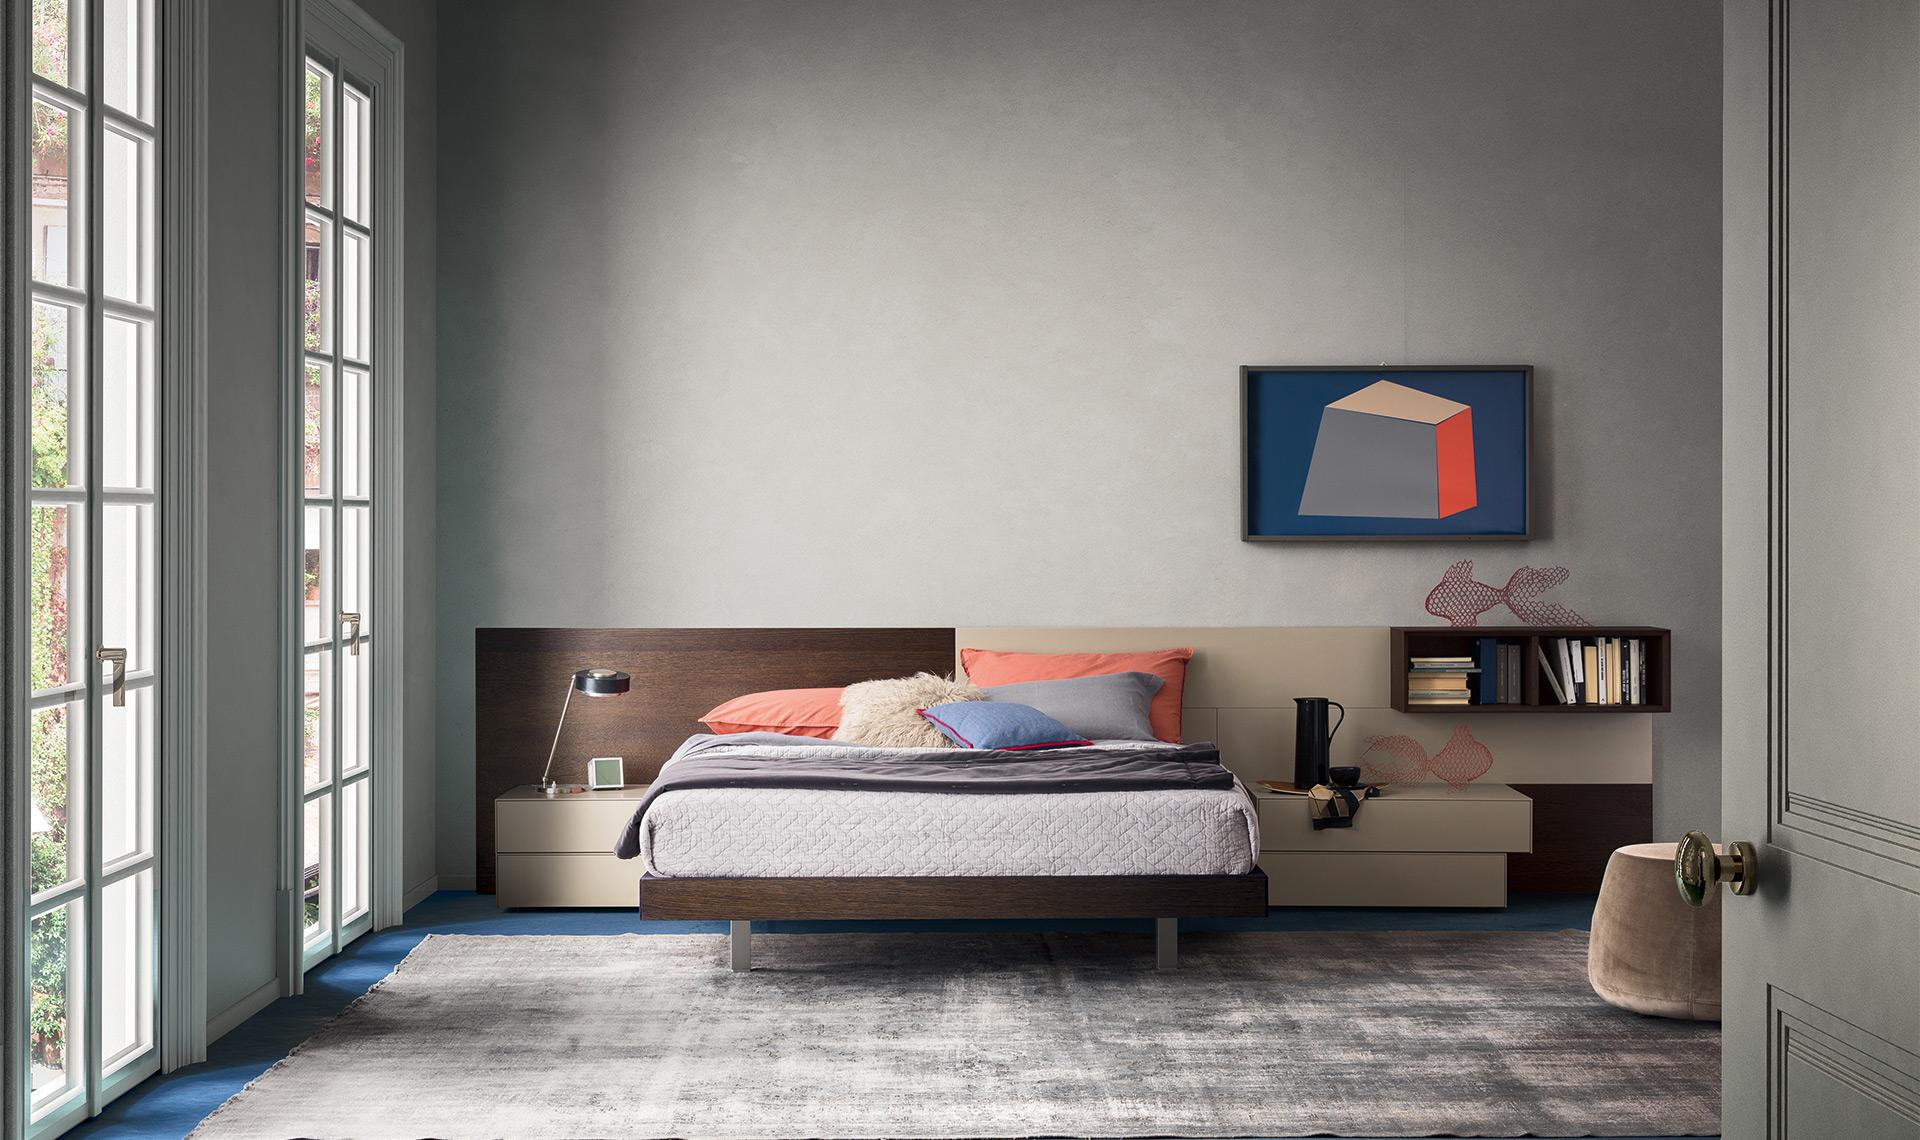 Di modugno arredamenti camere da letto alf da fr for Epoca arredamenti modugno